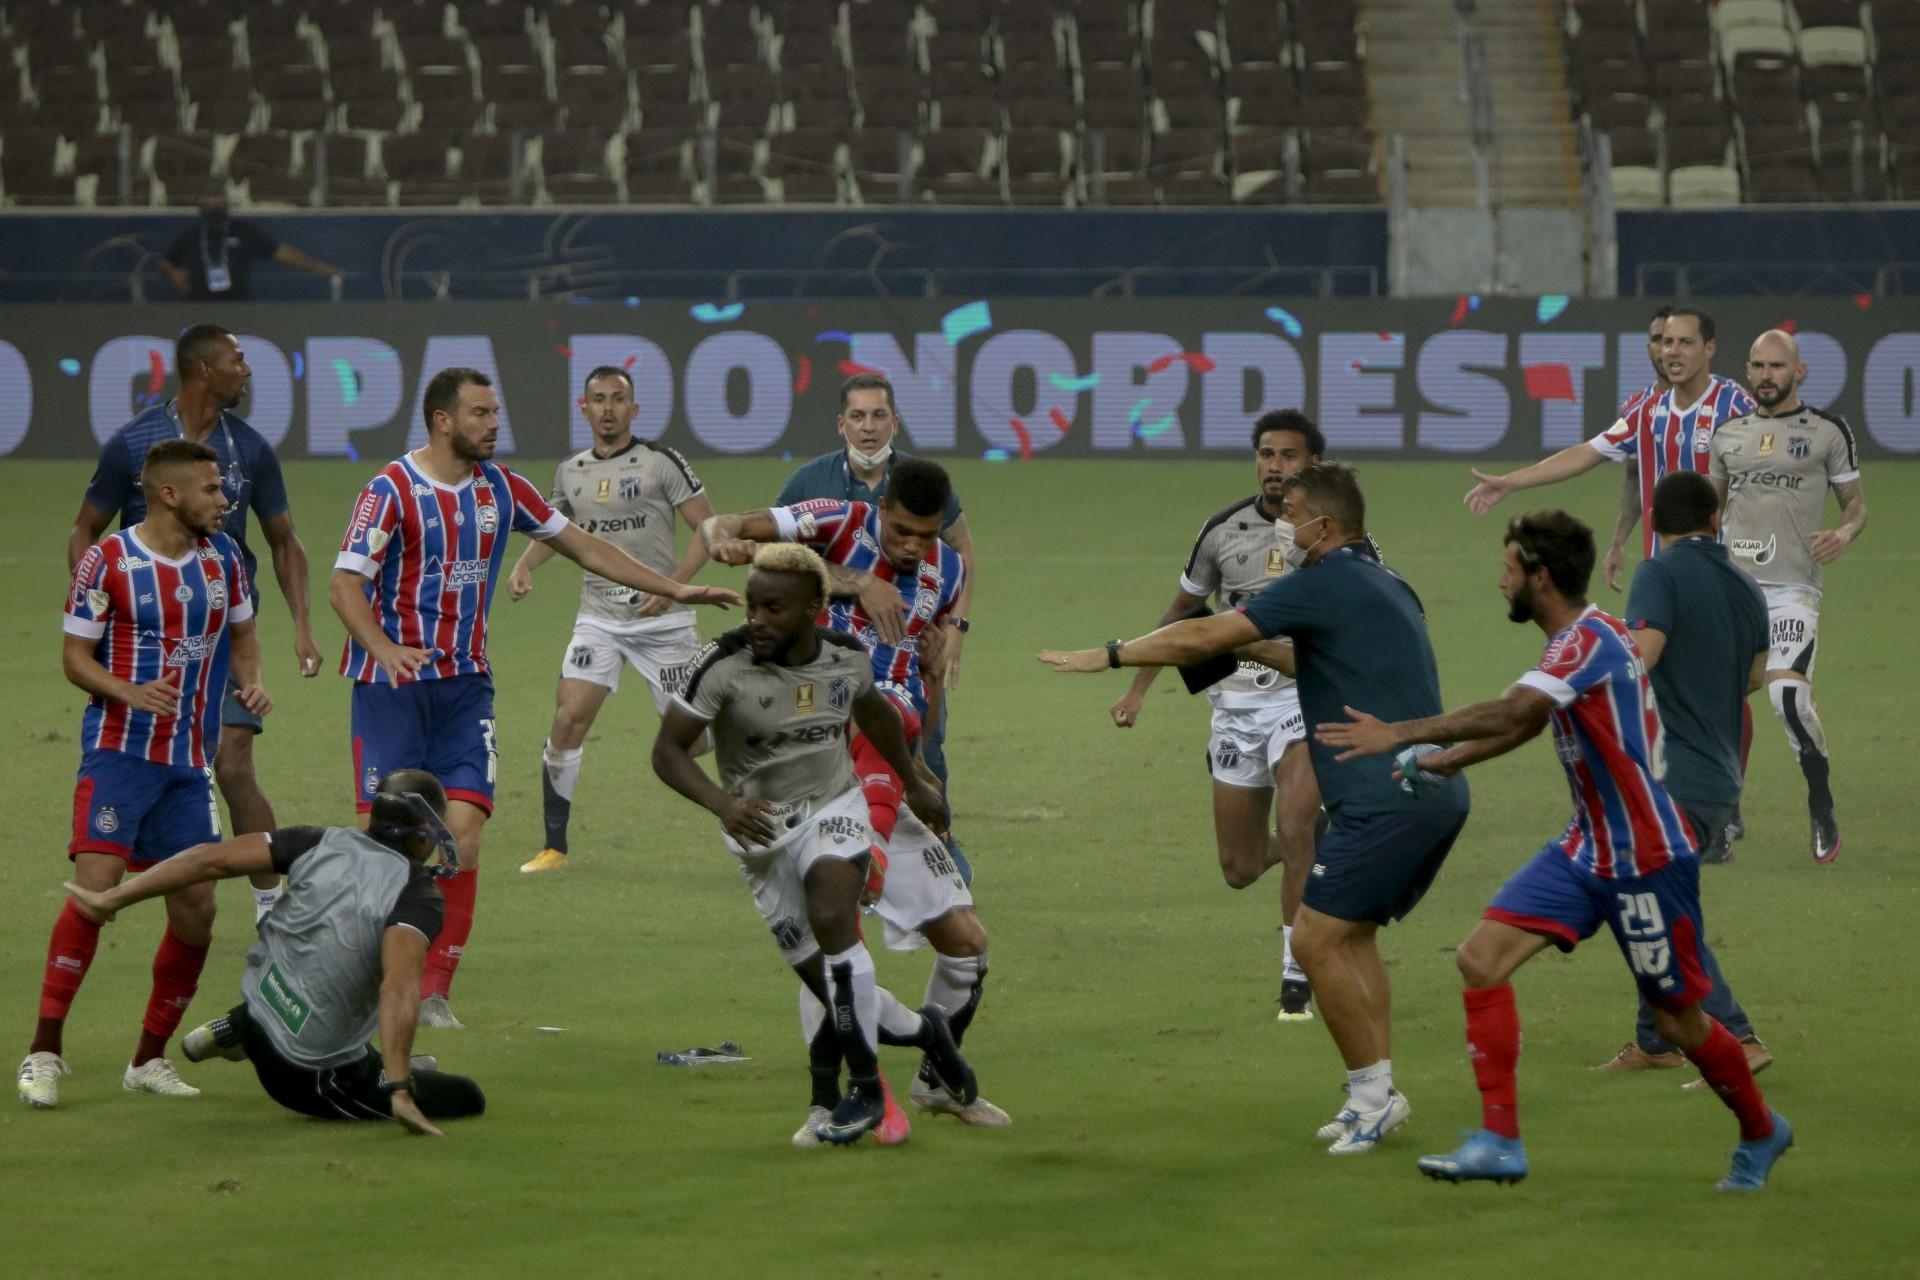 Confusão na final da Copa do Nordeste de 2021 gerou gancho aos jogadores envolvidos  (Foto: Aurelio Alves)